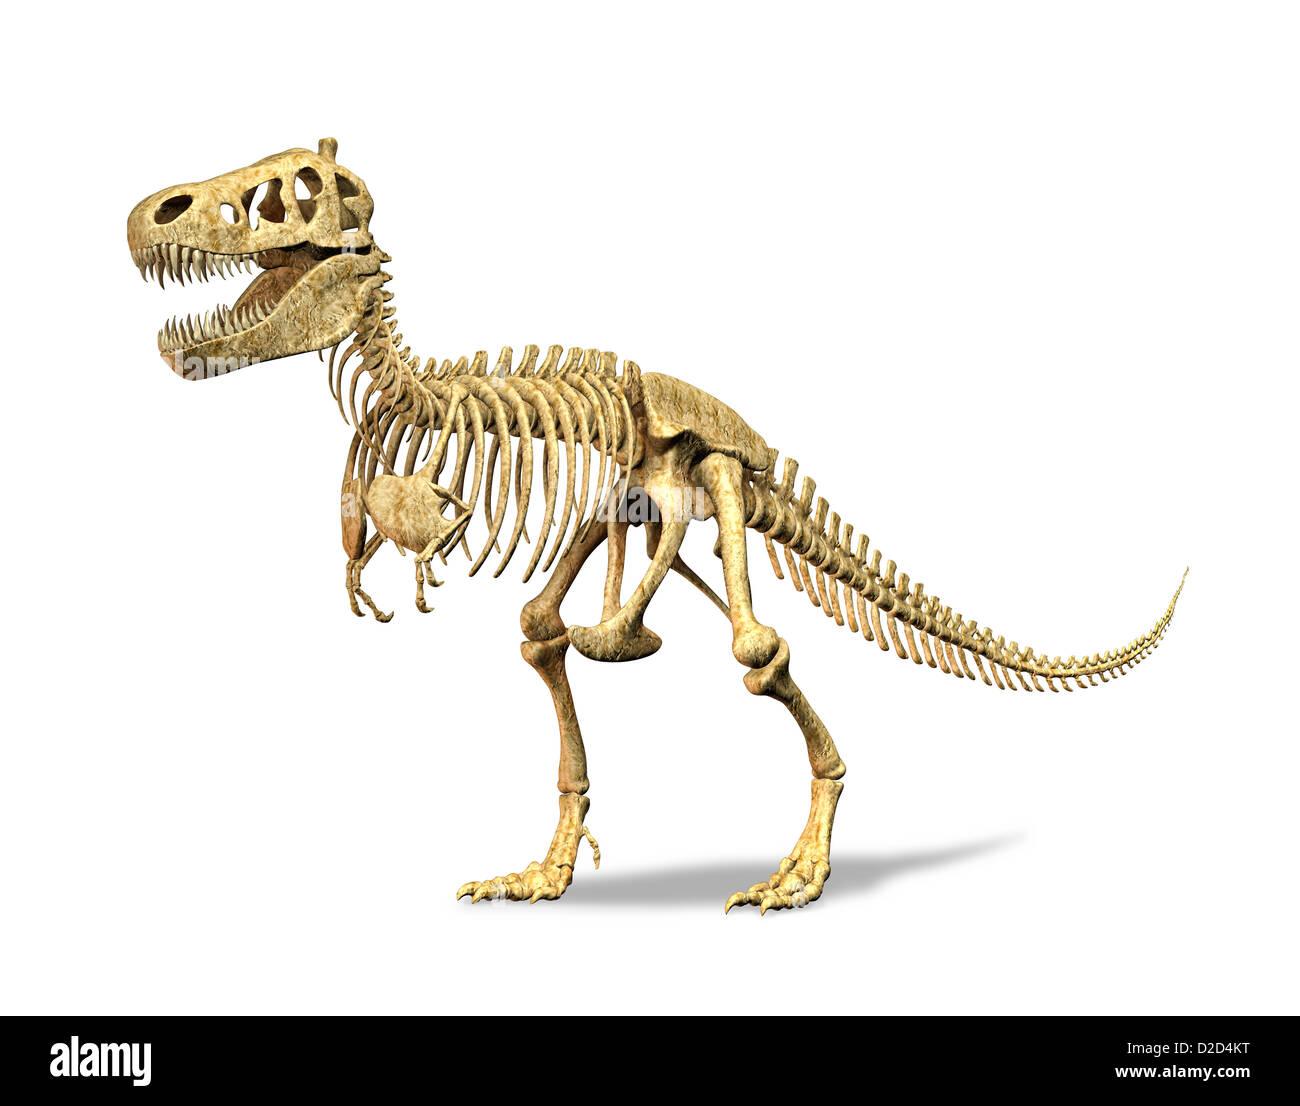 Tyrannosaurus rex skeleton T rex carnivorous dinosaur measuring 5 metres tall and weighing 7 tonnes - Stock Image